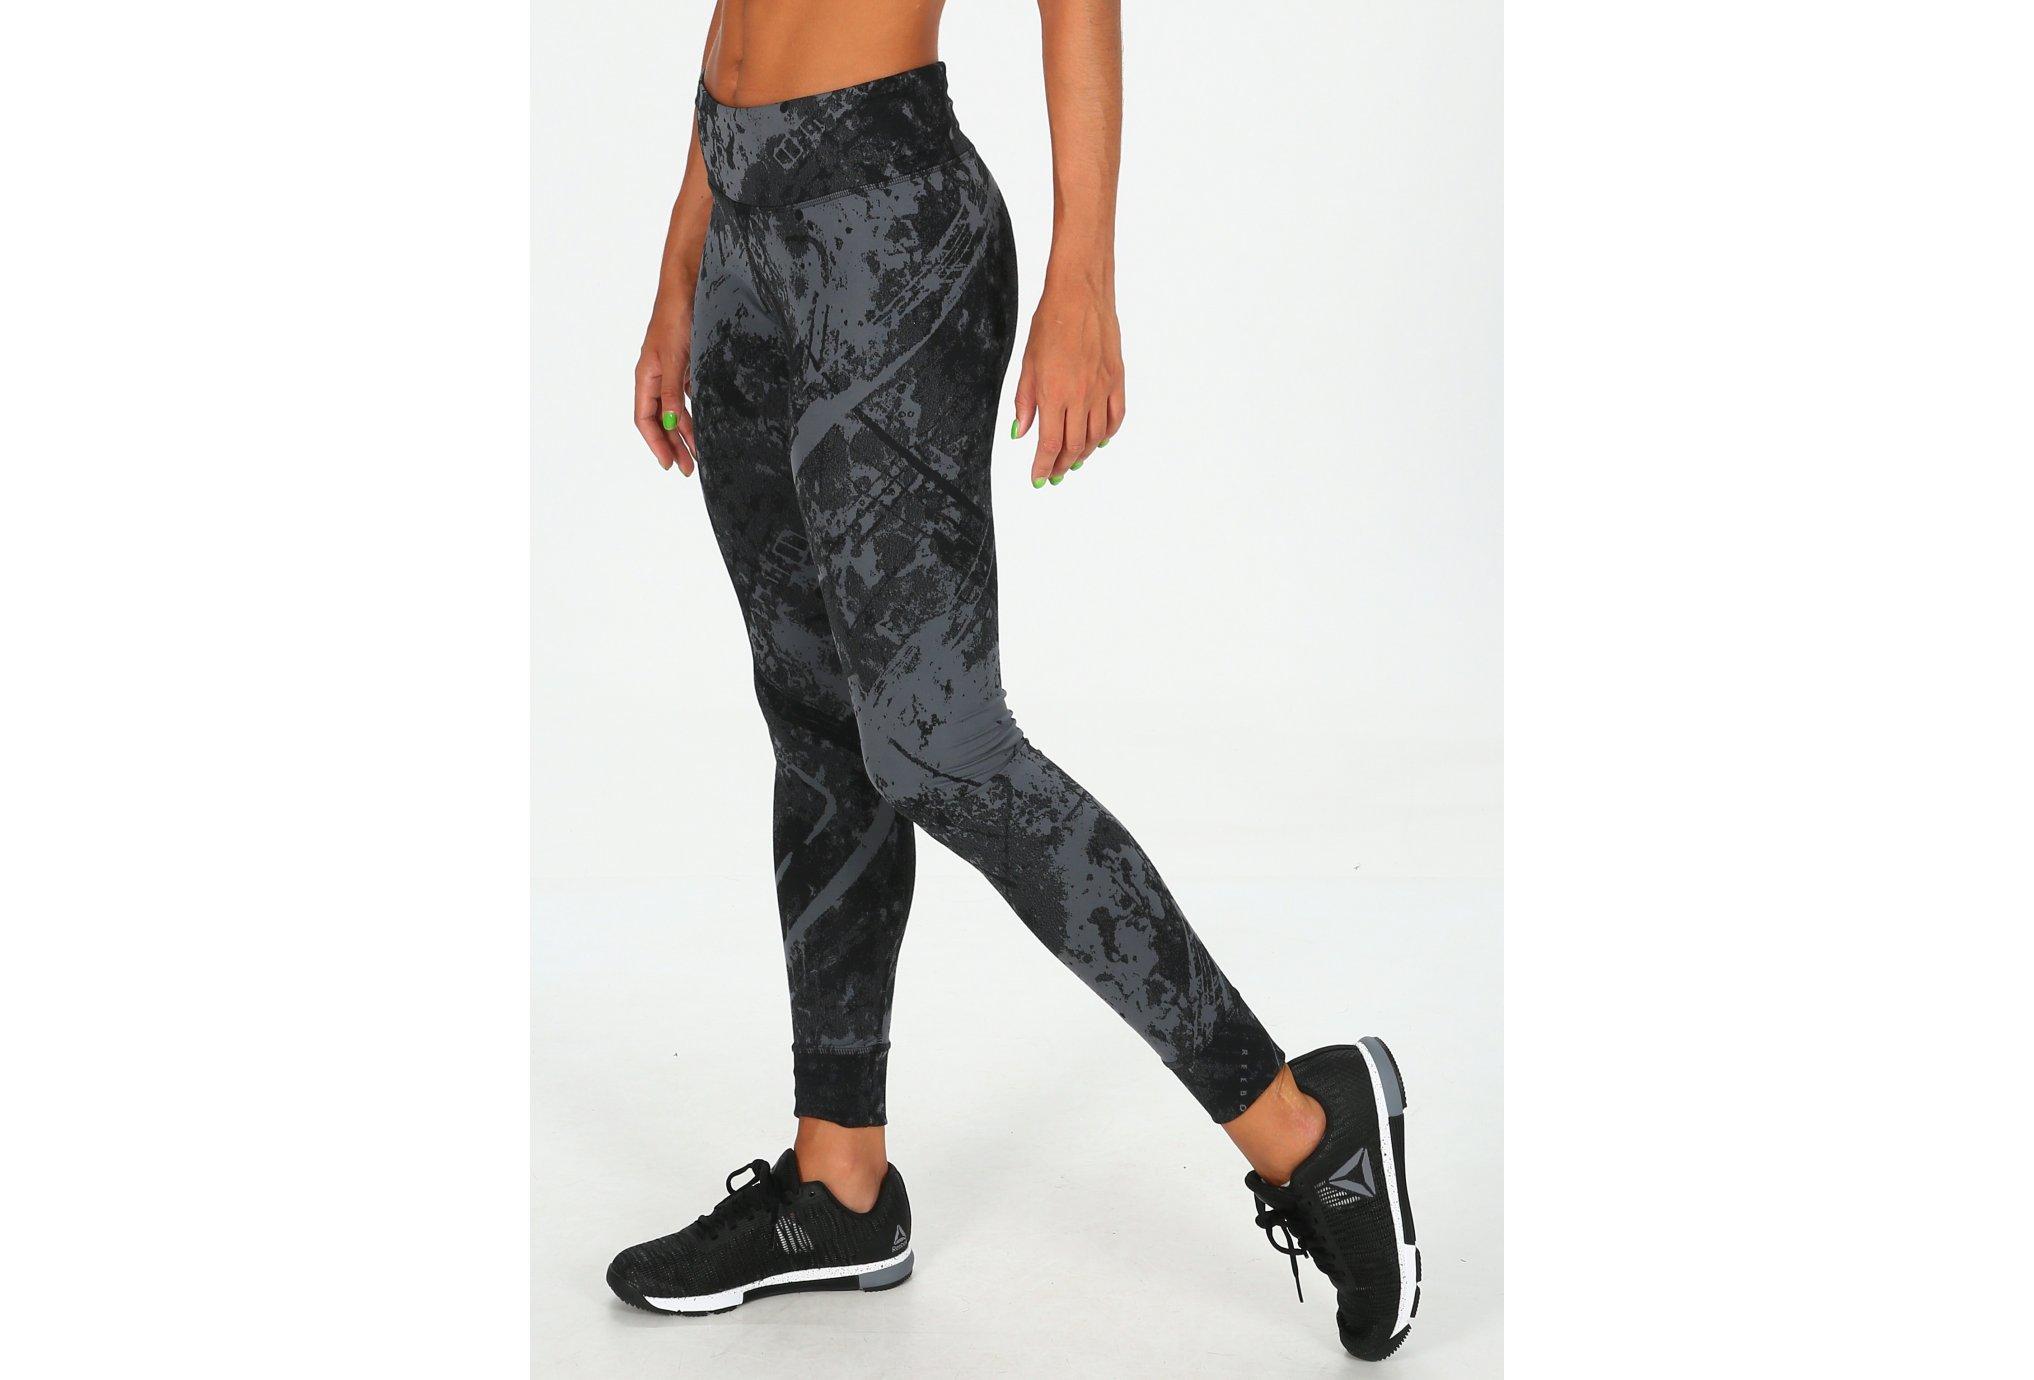 3 Ultimate Bandes W adidas Pantalon Jc3lFK1T